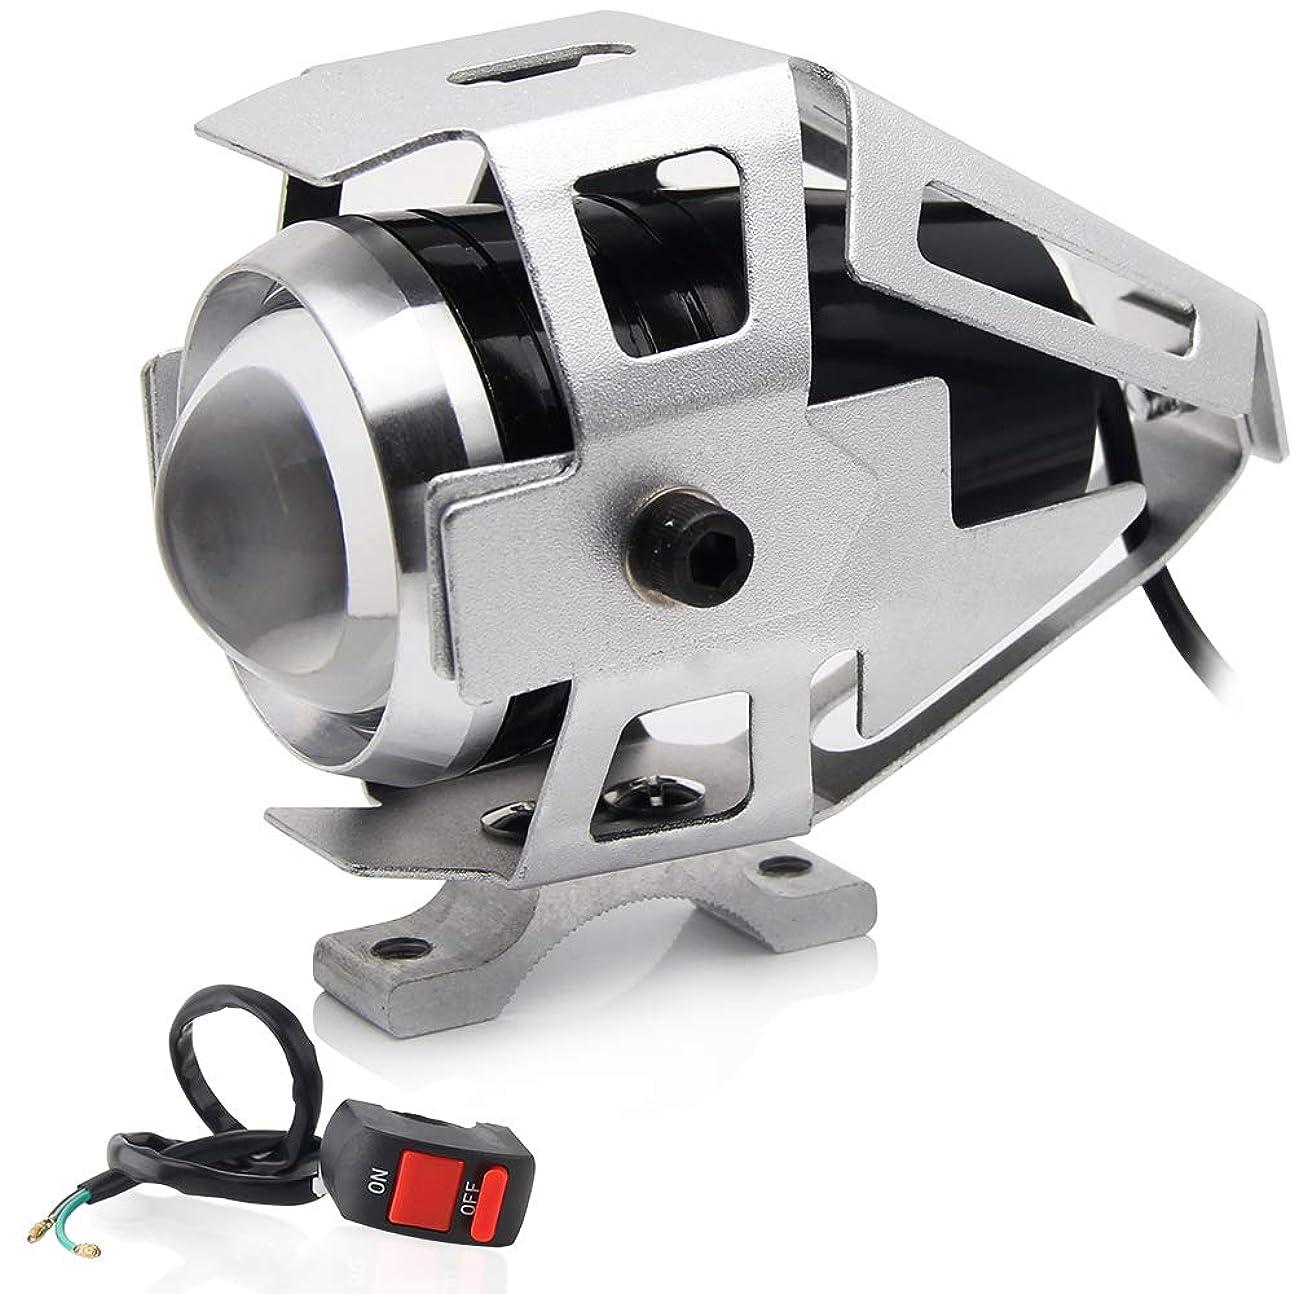 警官付与ささいなZ1-1BL 爆光 LEDライト ステー付 青 片側交互ストロボ発光 リモコンジョグ ジョグZ ジョグZR/エボリューション BW'S125 BWS シグナスX/SR マジェスティ125/FI マジェスティ250/C 汎用 外装 ヘッドライト デイライト フォグランプ テールランプ バックフォグ 色々なLEDアクセサリーに